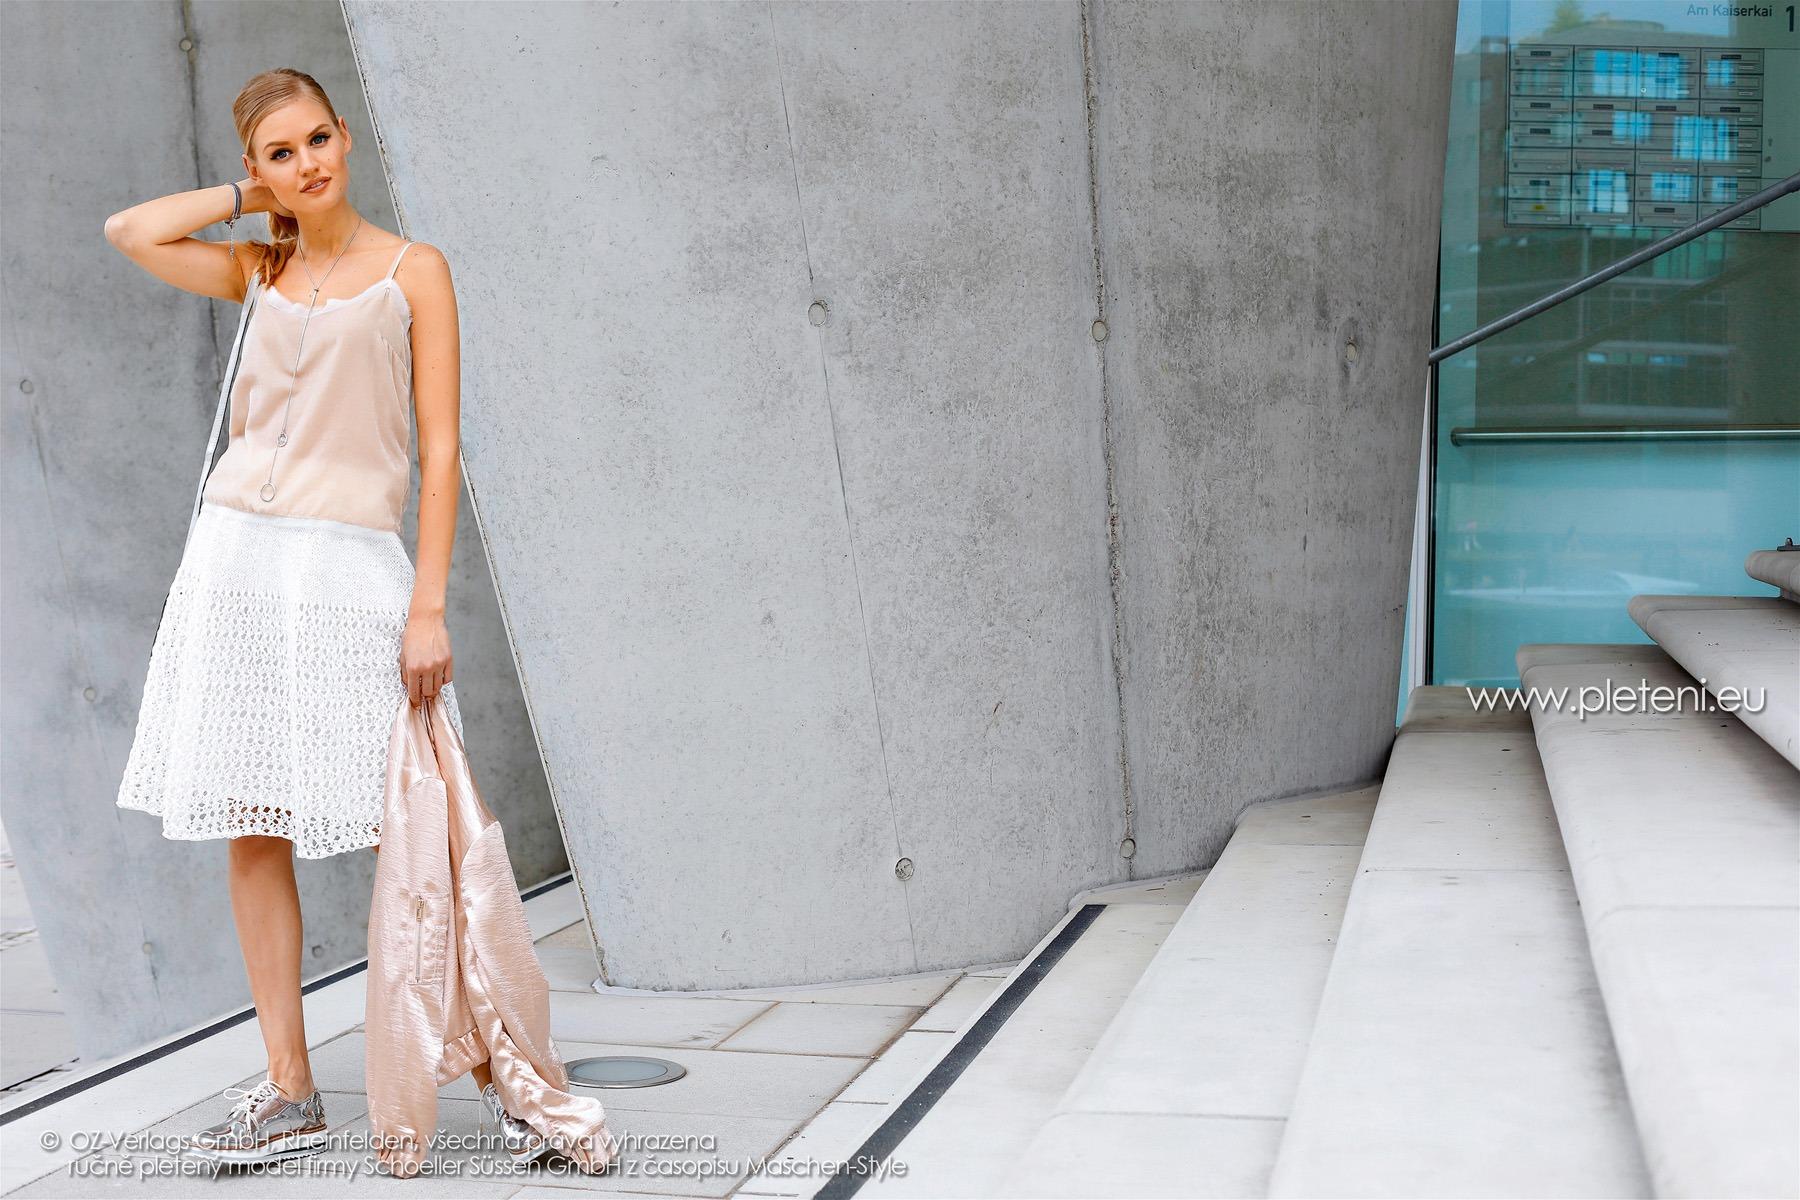 2018-L-08 dámská sukně z příze Skye firmy Schoeller